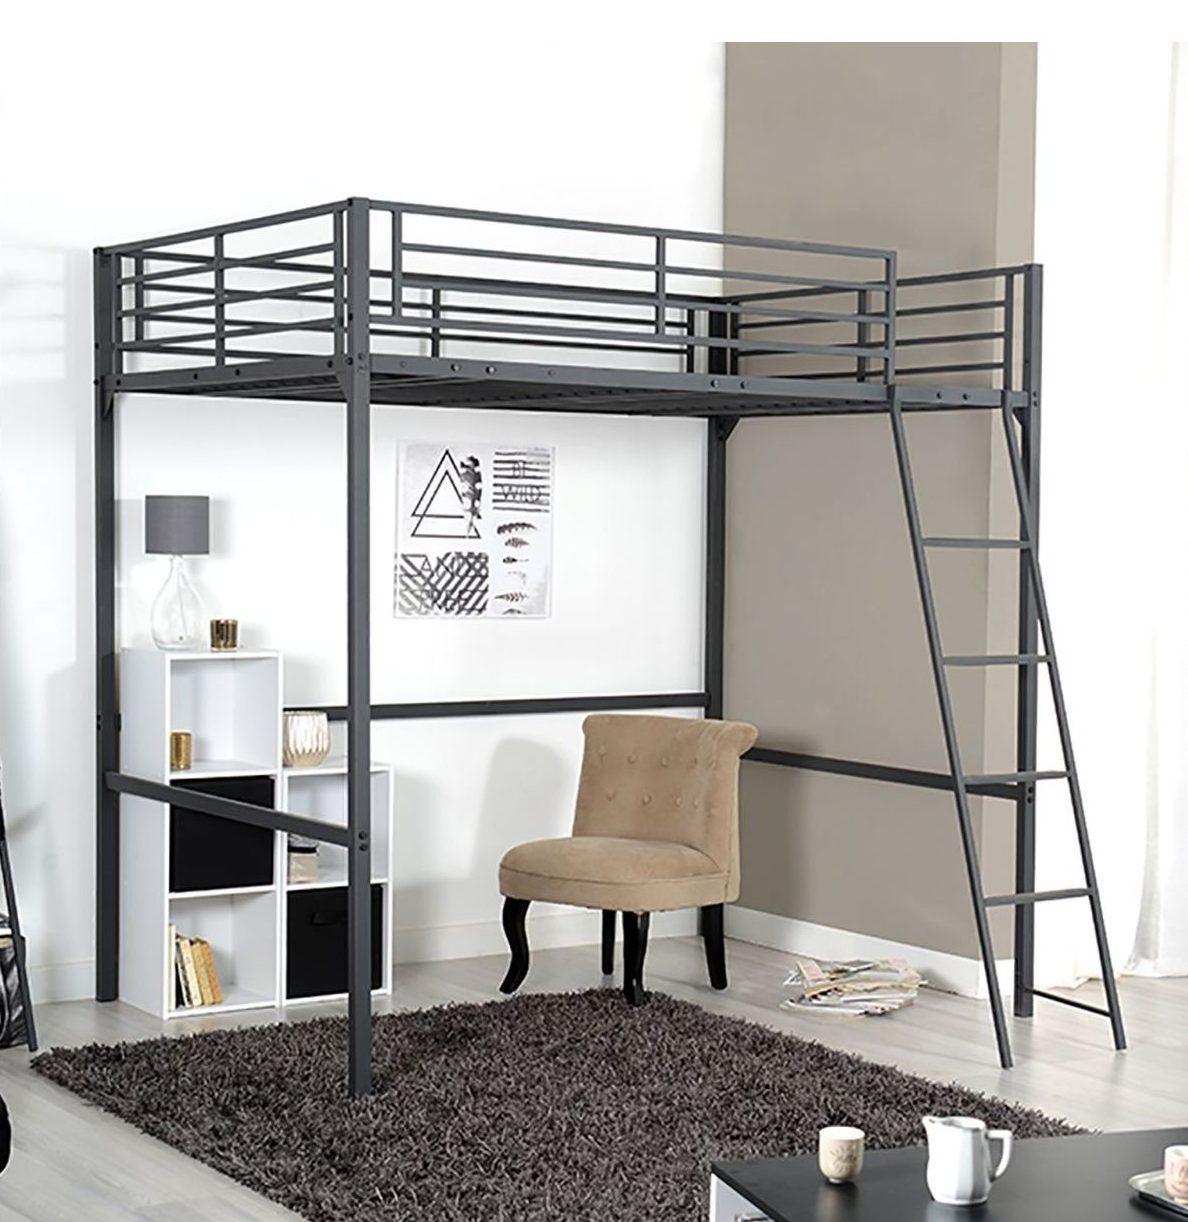 amenager mezzanine am nager une mezzanine dans les combles ooreka prev next de amenager une. Black Bedroom Furniture Sets. Home Design Ideas